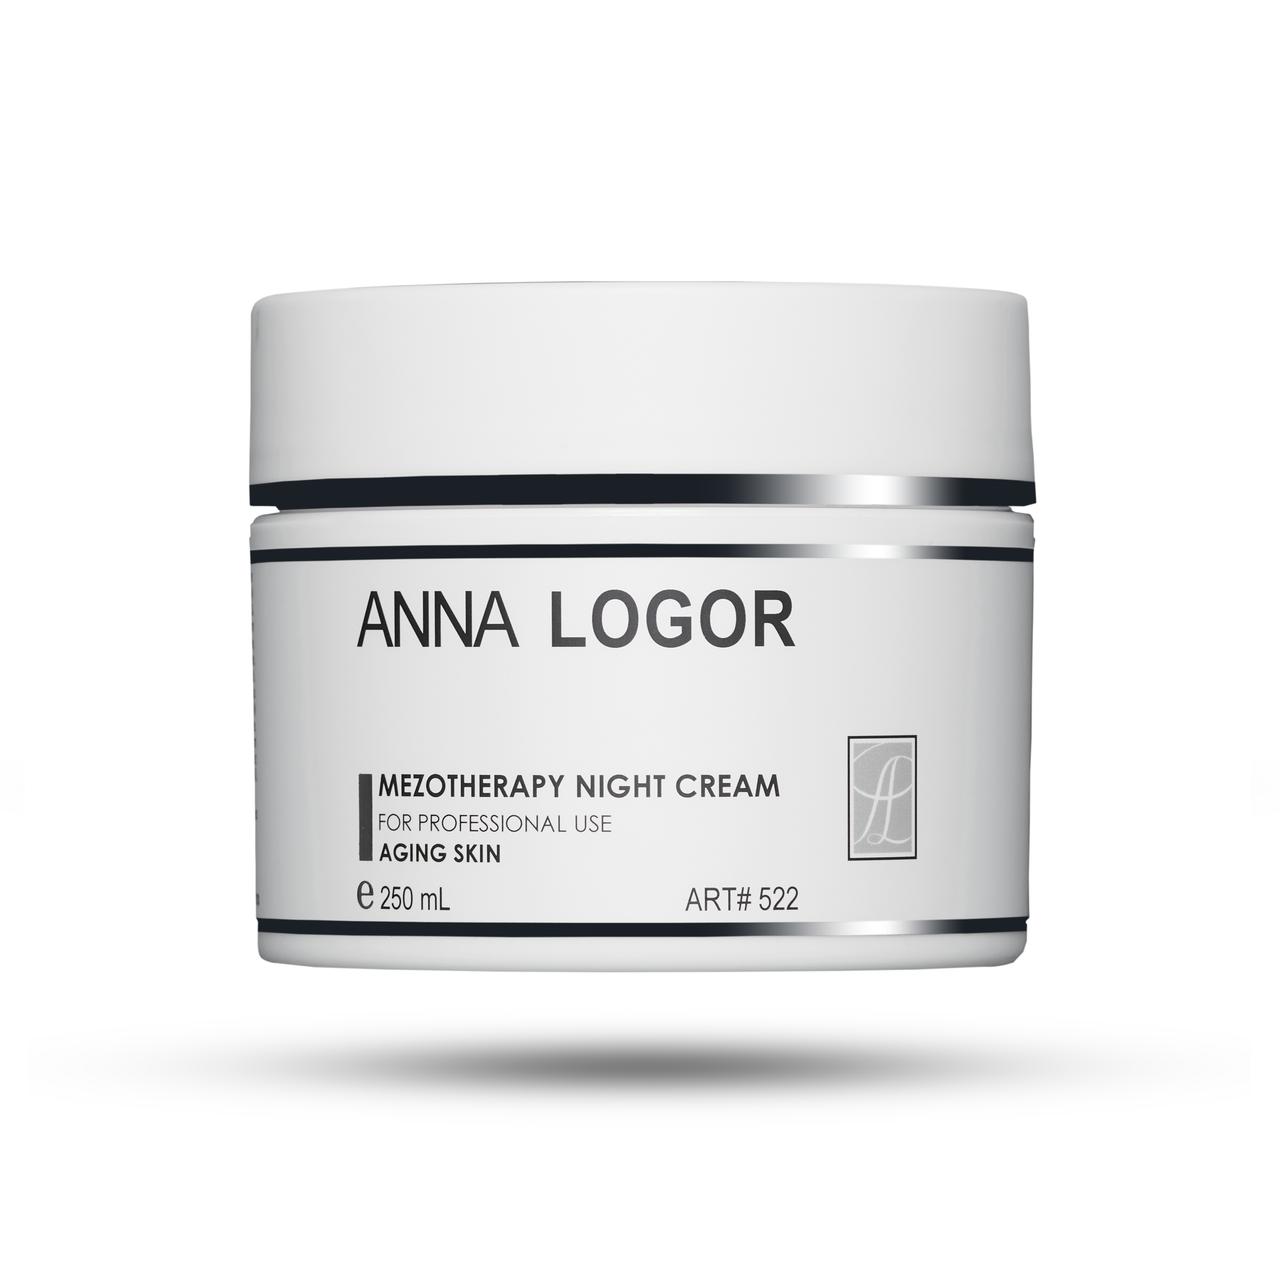 Крем ночной омолаживающий Anna LOGOR Mezotherapy Night Crem 250 ml Art. 522